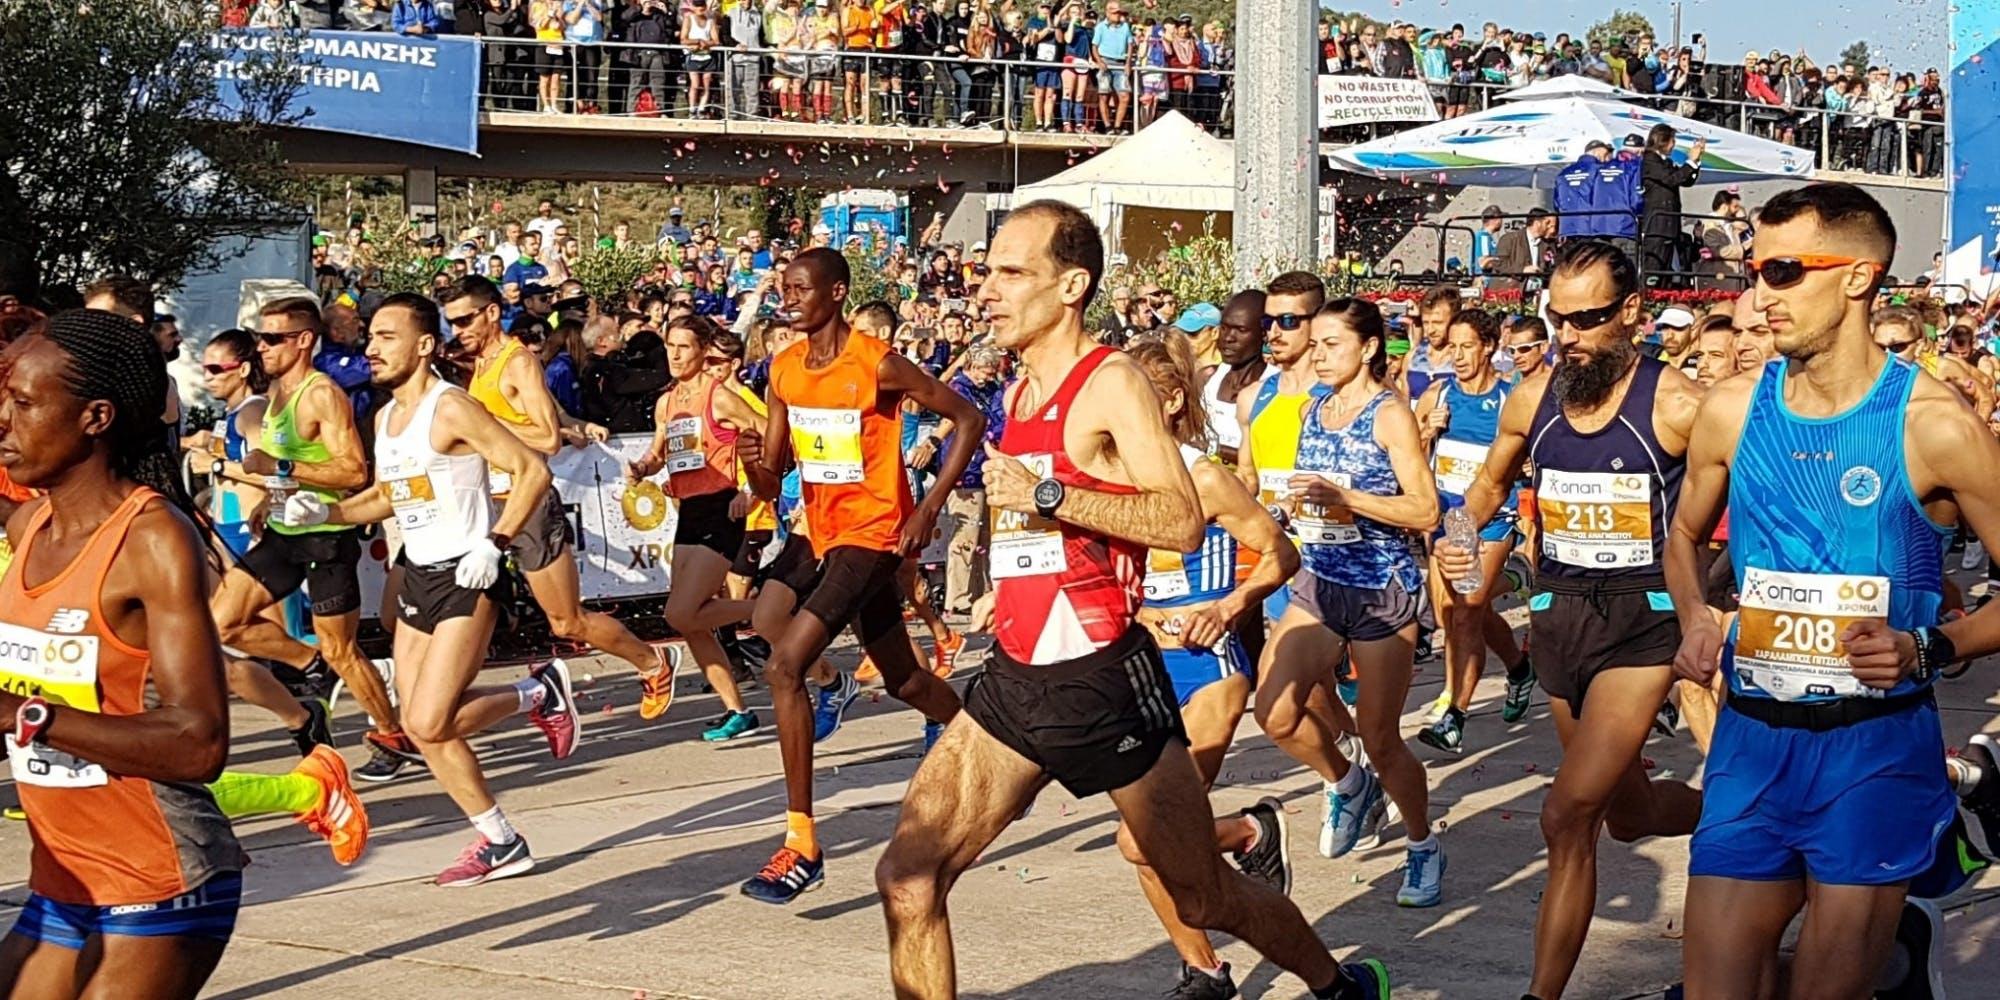 Τι καθορίζει την επίδοση στο Μαραθώνιο - Σε ποιο χιλιόμετρο του αγώνα έρχονται τα δύσκολα σύμφωνα με την προετοιμασία σου